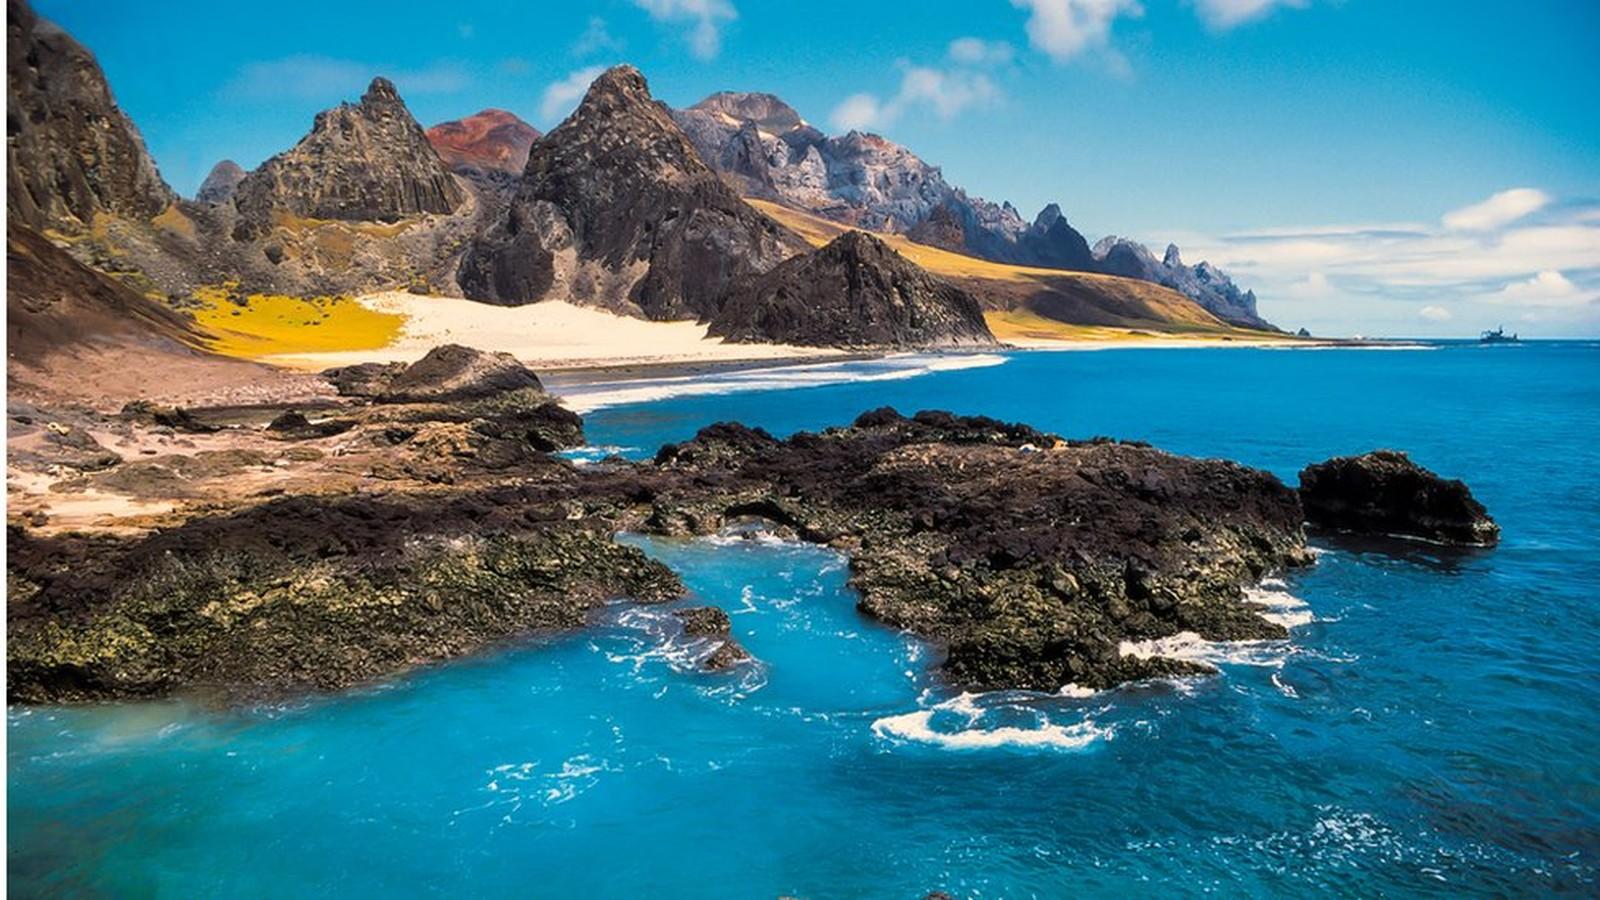 Pesquisadores estudaram a cordilheira submersa entre Vitória e a ilha de Trindade, a 1.200 km do continente; ela é composta por 30 montes submarinos de origem vulcânica. Crédito: João Luiz Gasparini | Divulgação